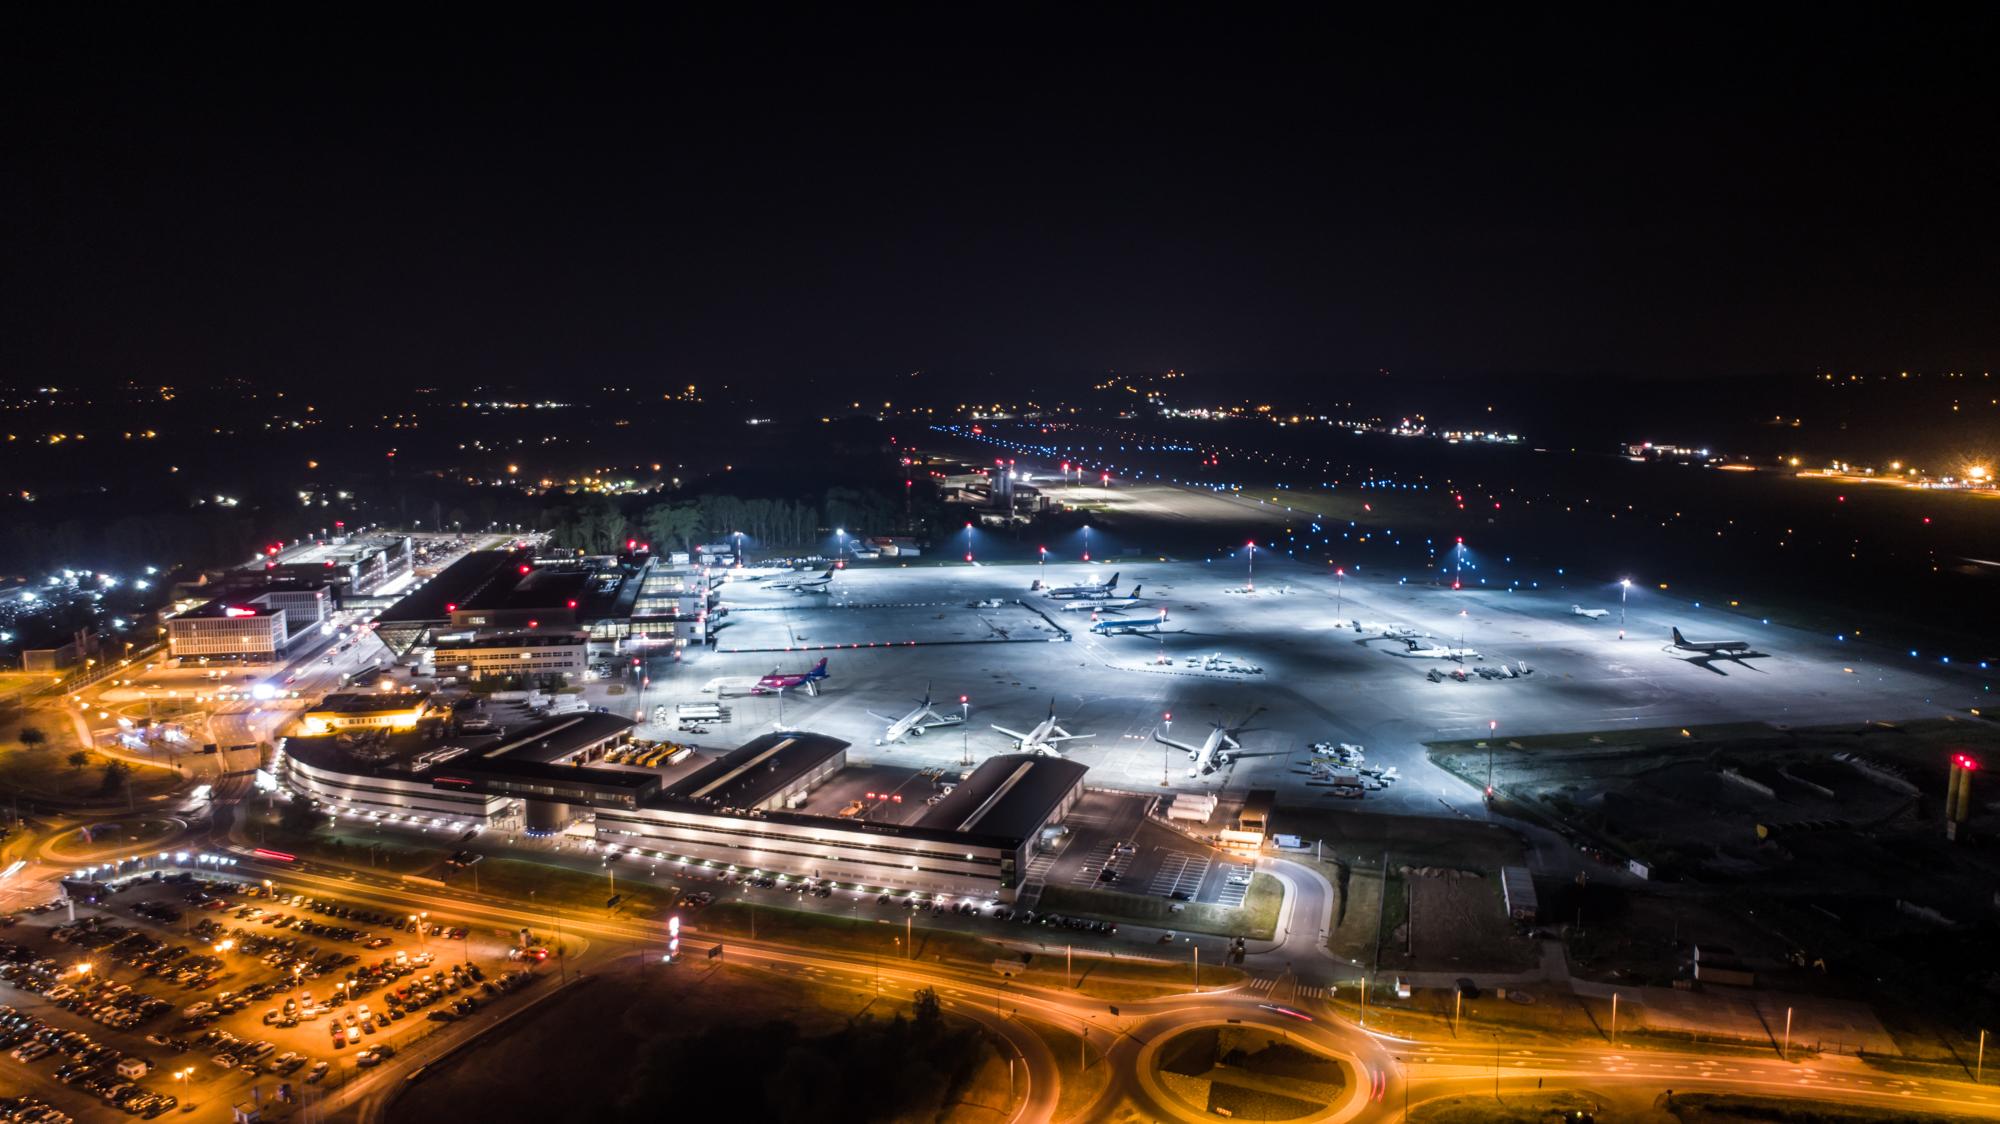 Będzie plan ochrony przed hałasem dla lotniska w Balicach. Efekty? Cisza nocna tylko przez cztery godziny